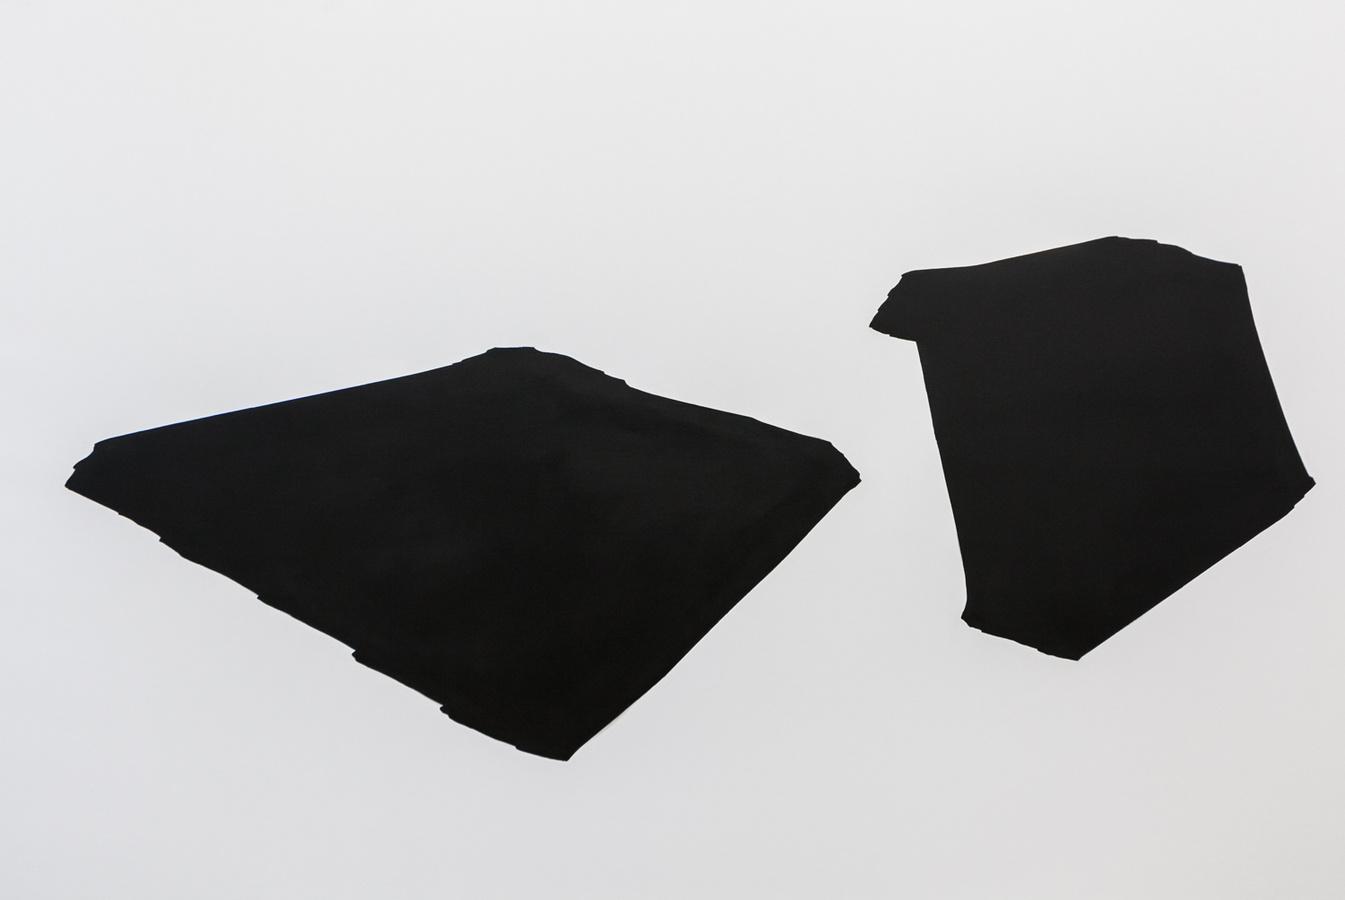 Priscilla Tea - lasting space, 200x300cm, 2014; Three Rooms, Galerie Gabriel Rolt